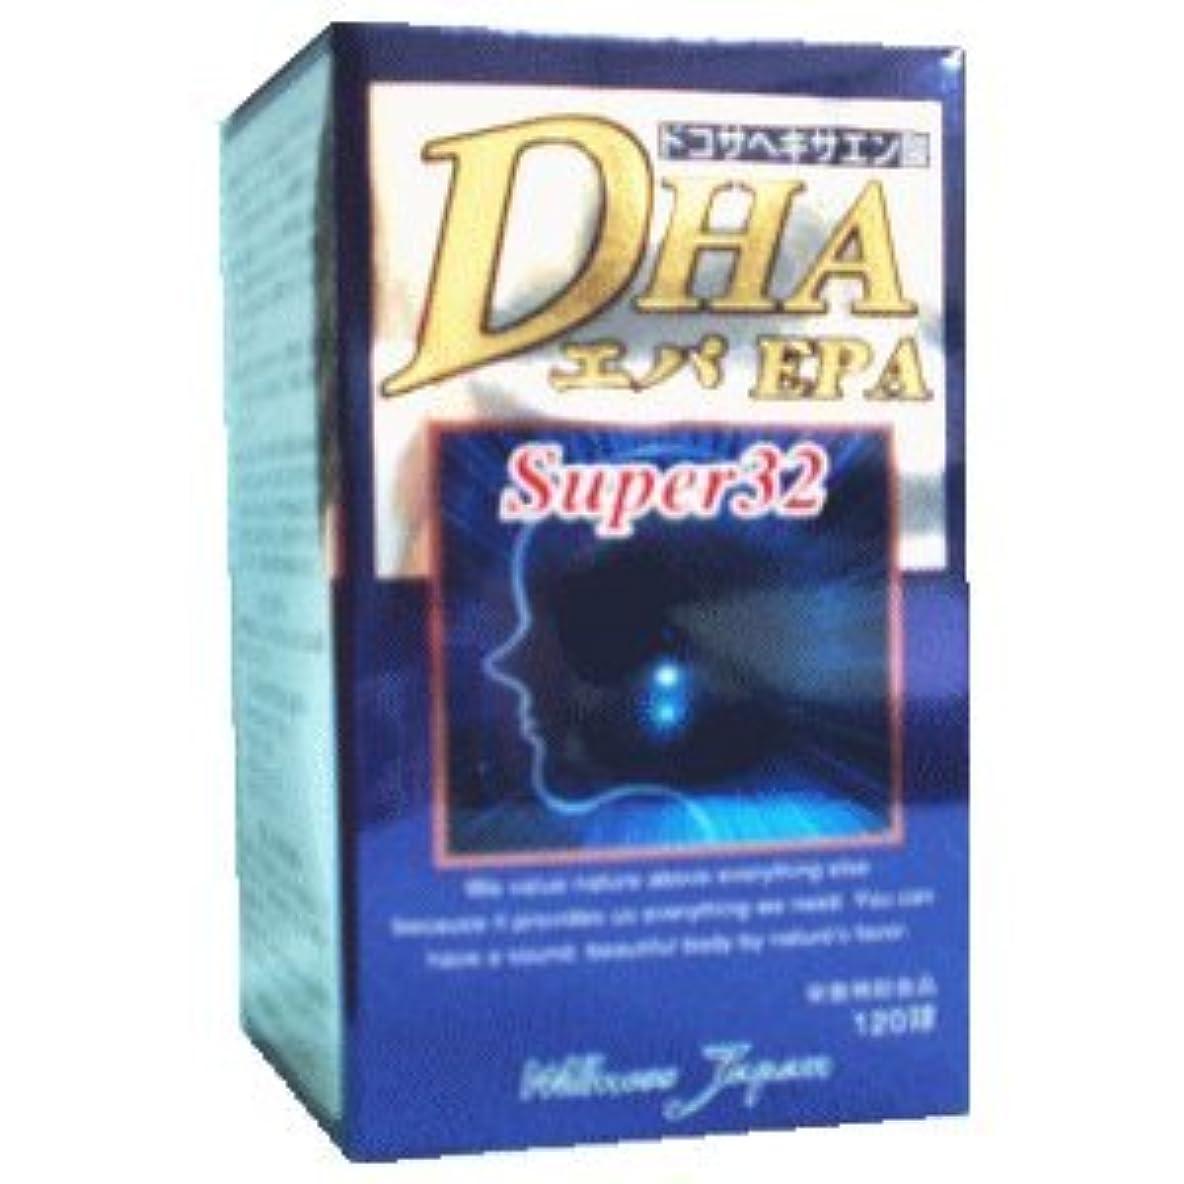 項目病気摩擦DHAエパスーパー32 120球×(3セット)